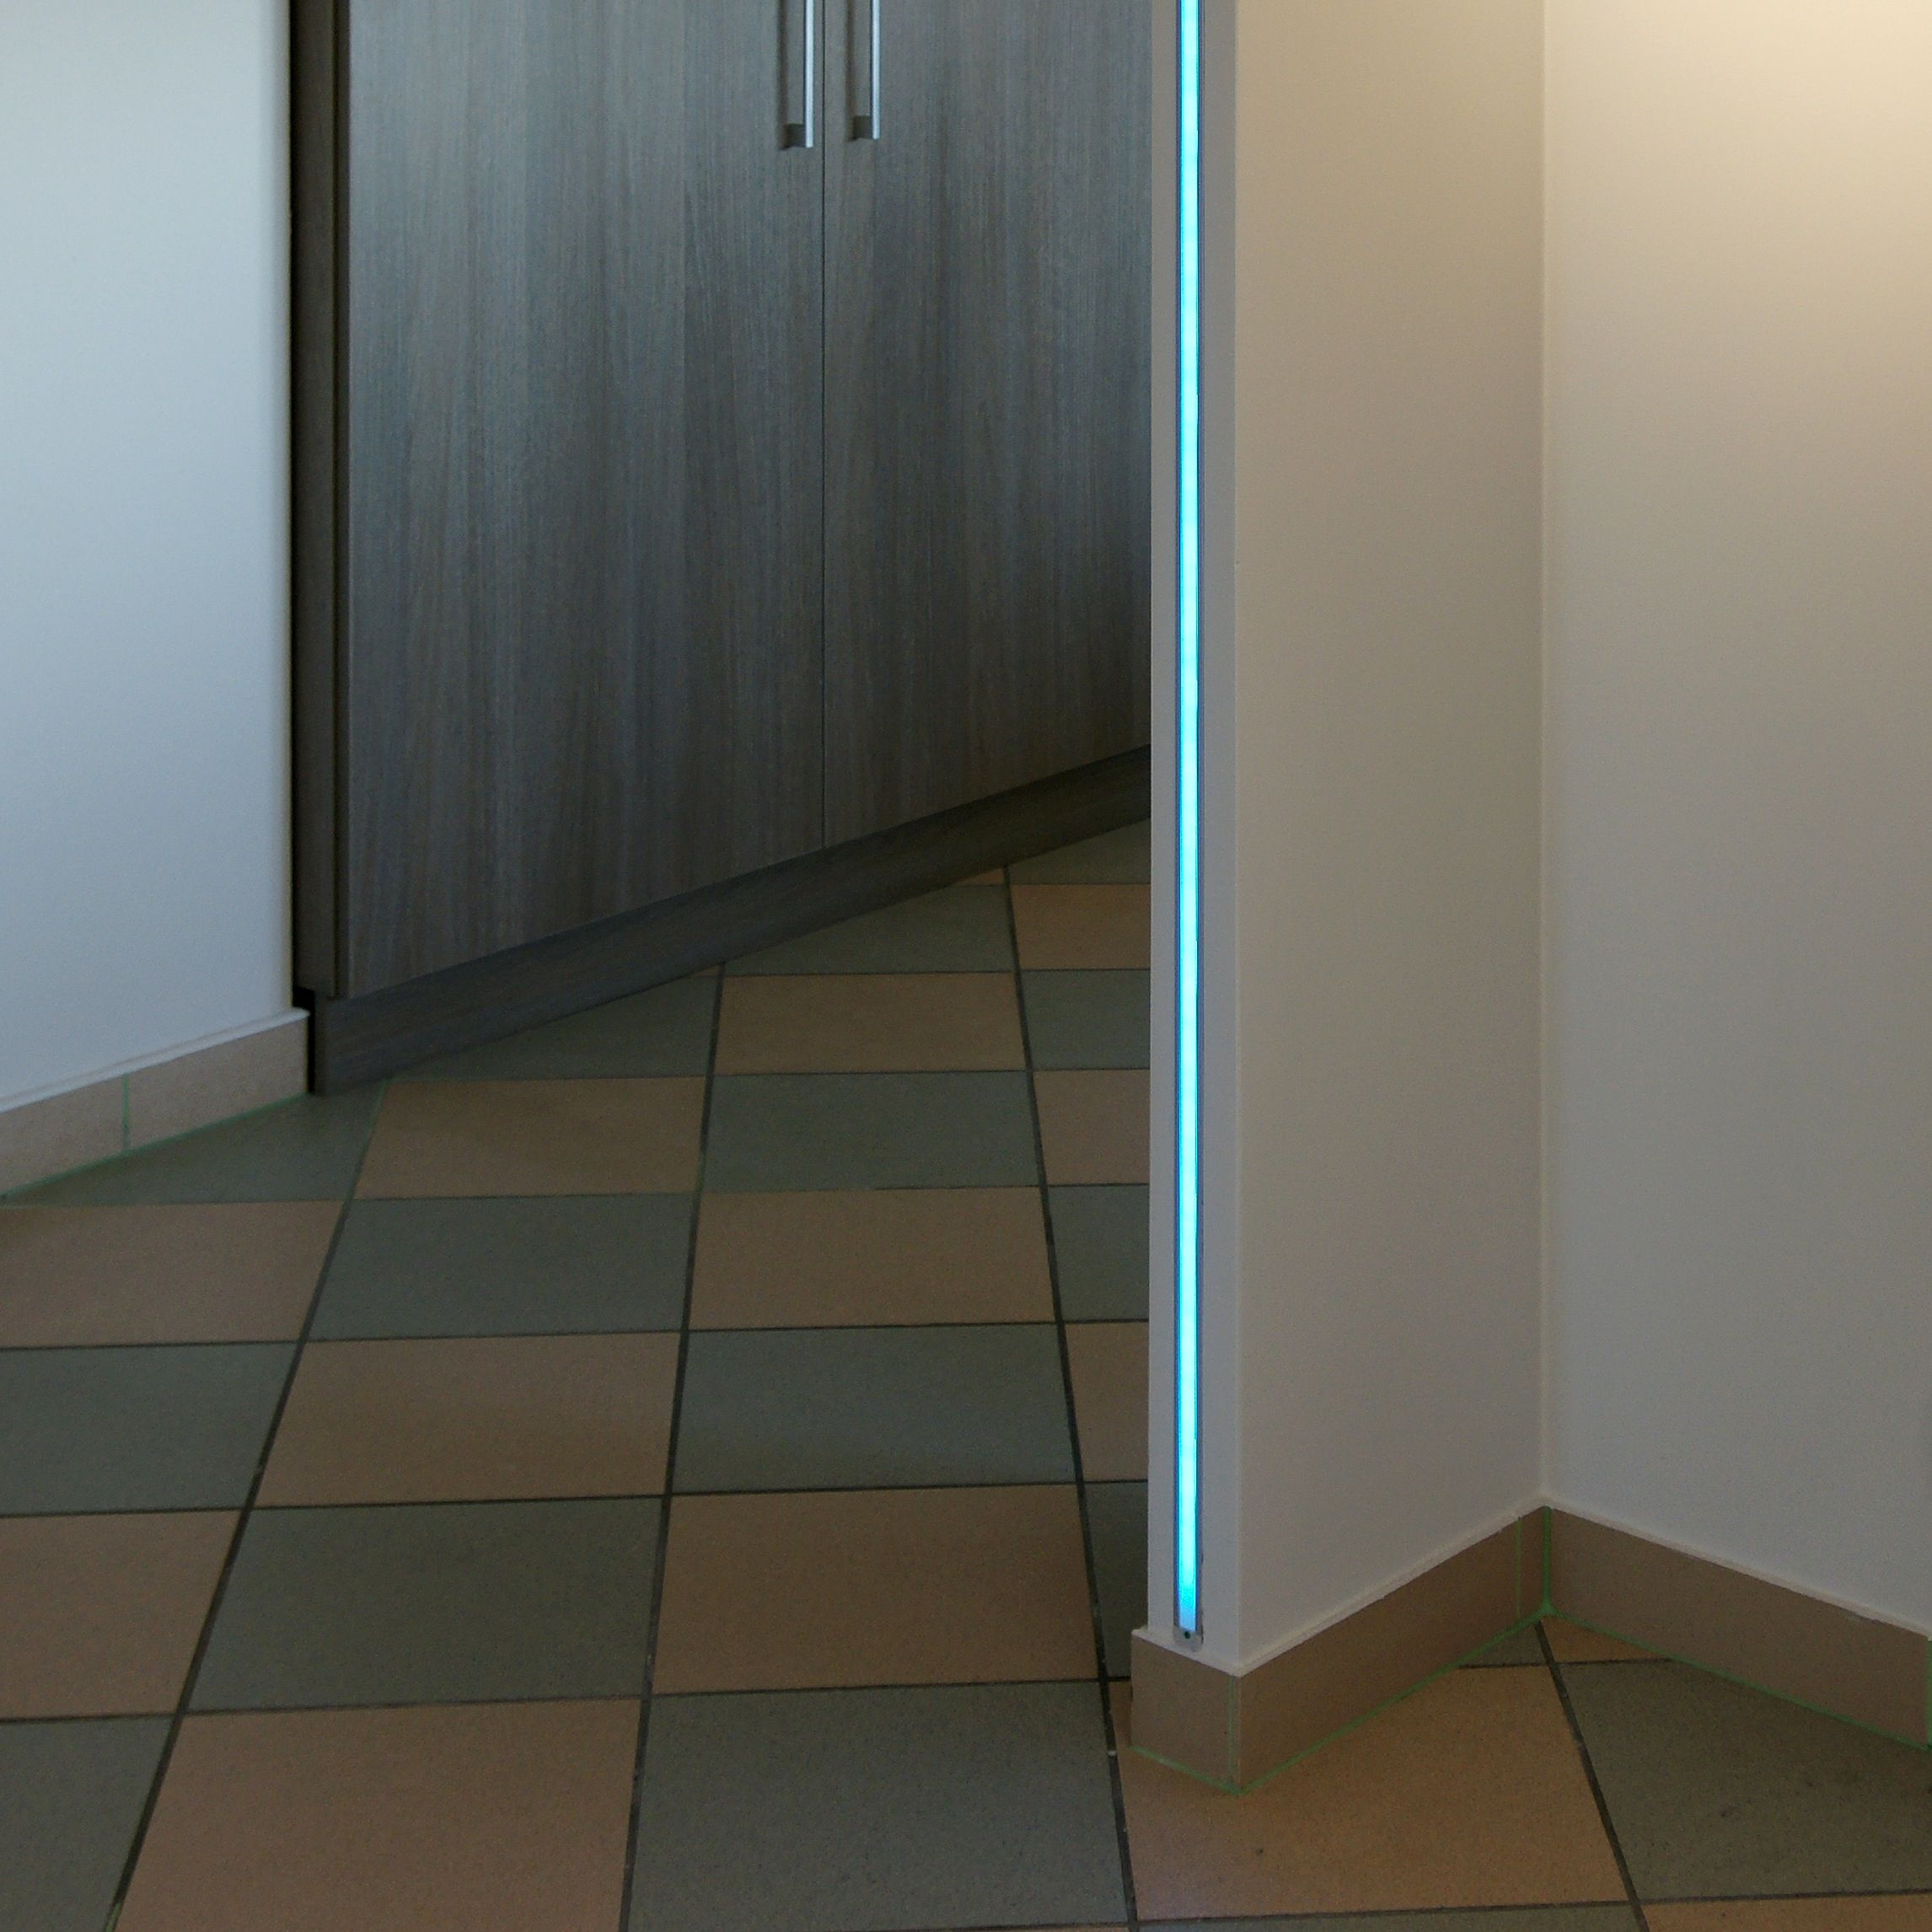 Bandeau Led Encastrable Plafond kit profilés alu led 2m profond 10 mm en 2020 | ruban led